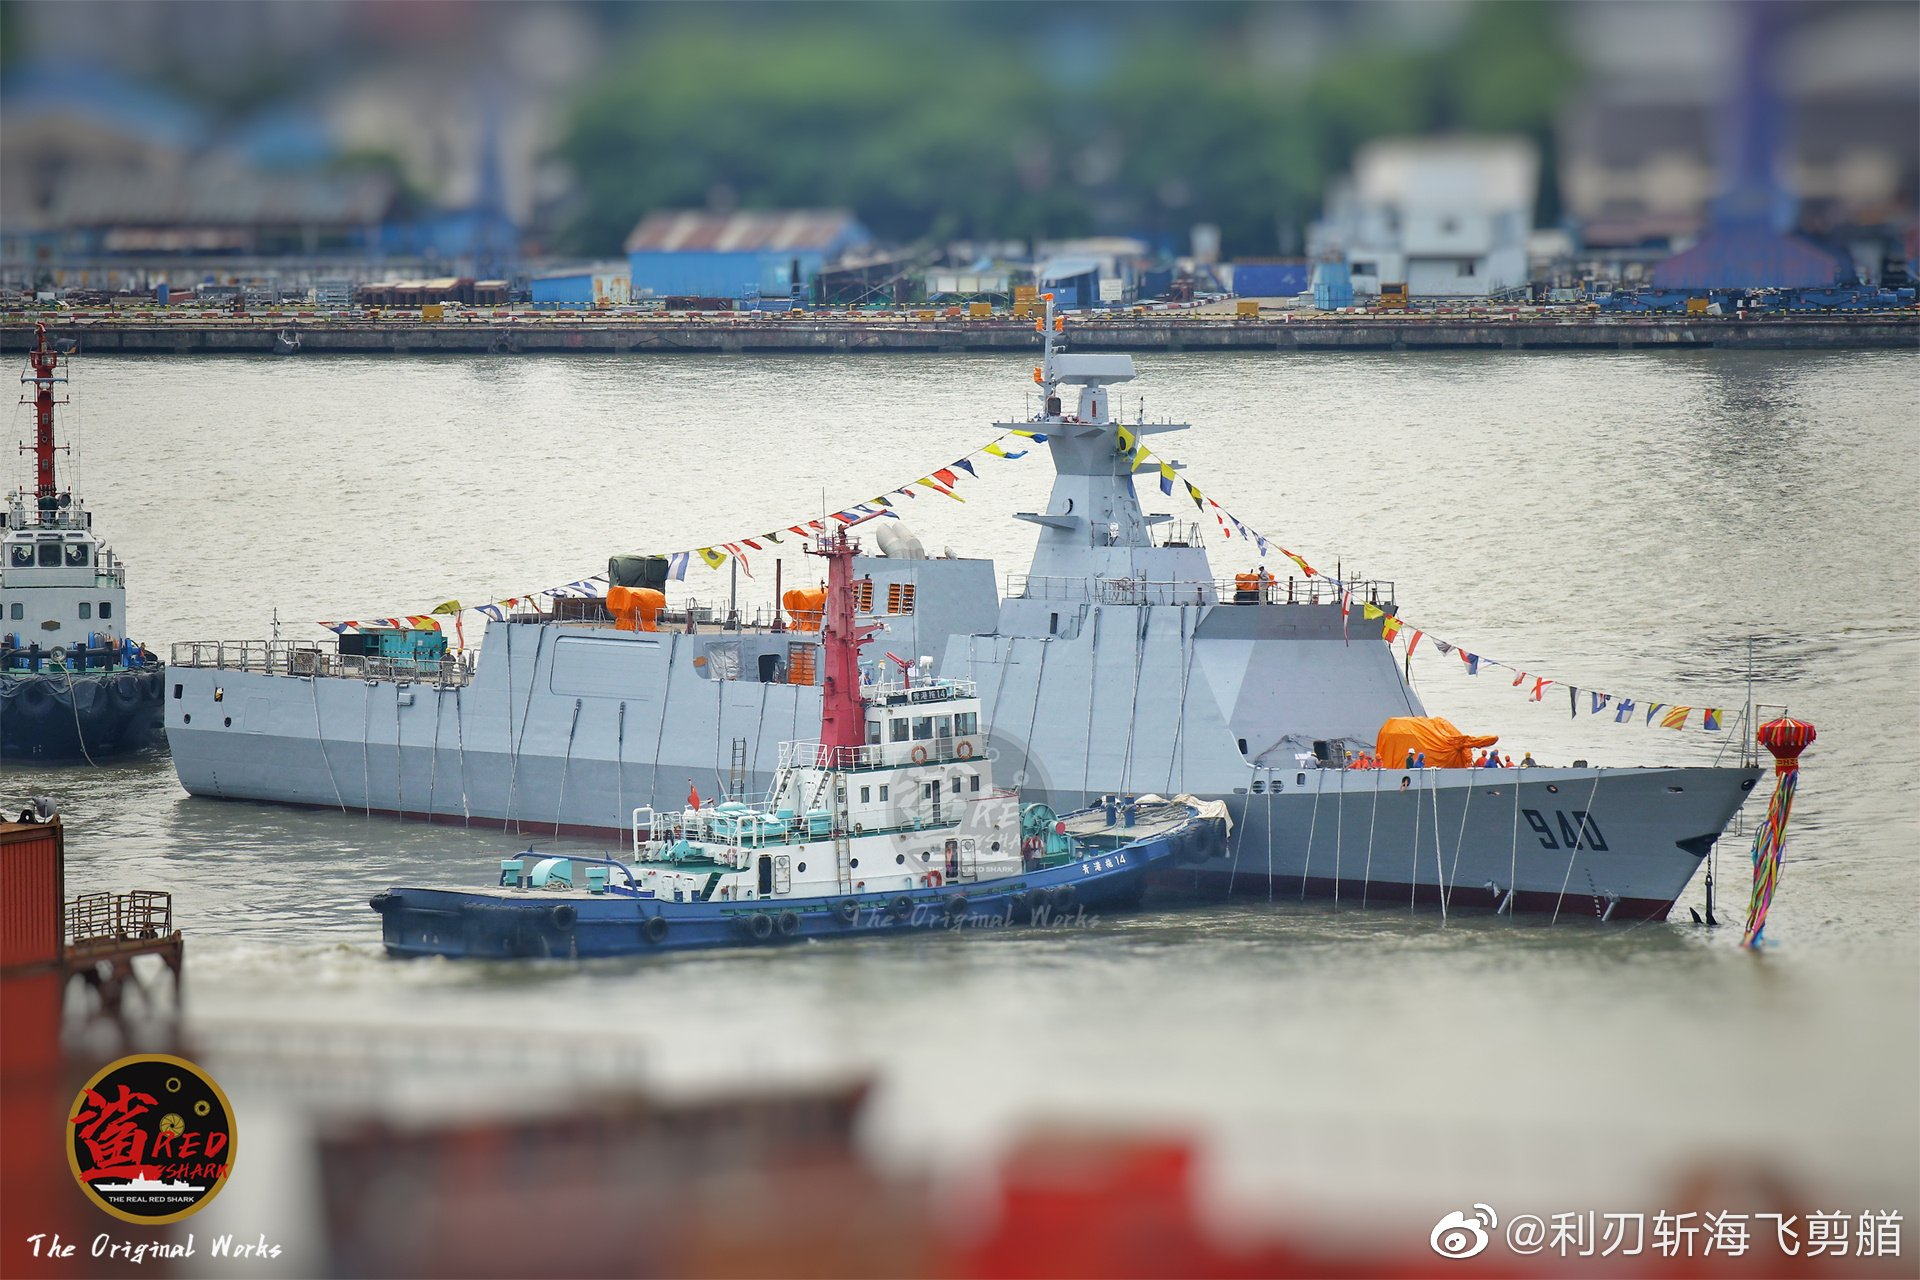 الجزائر تقتني 6 سفن حربية صينية مجهزة برادارات حديثة E9jyb3hX0AYXlJ-?format=jpg&name=large